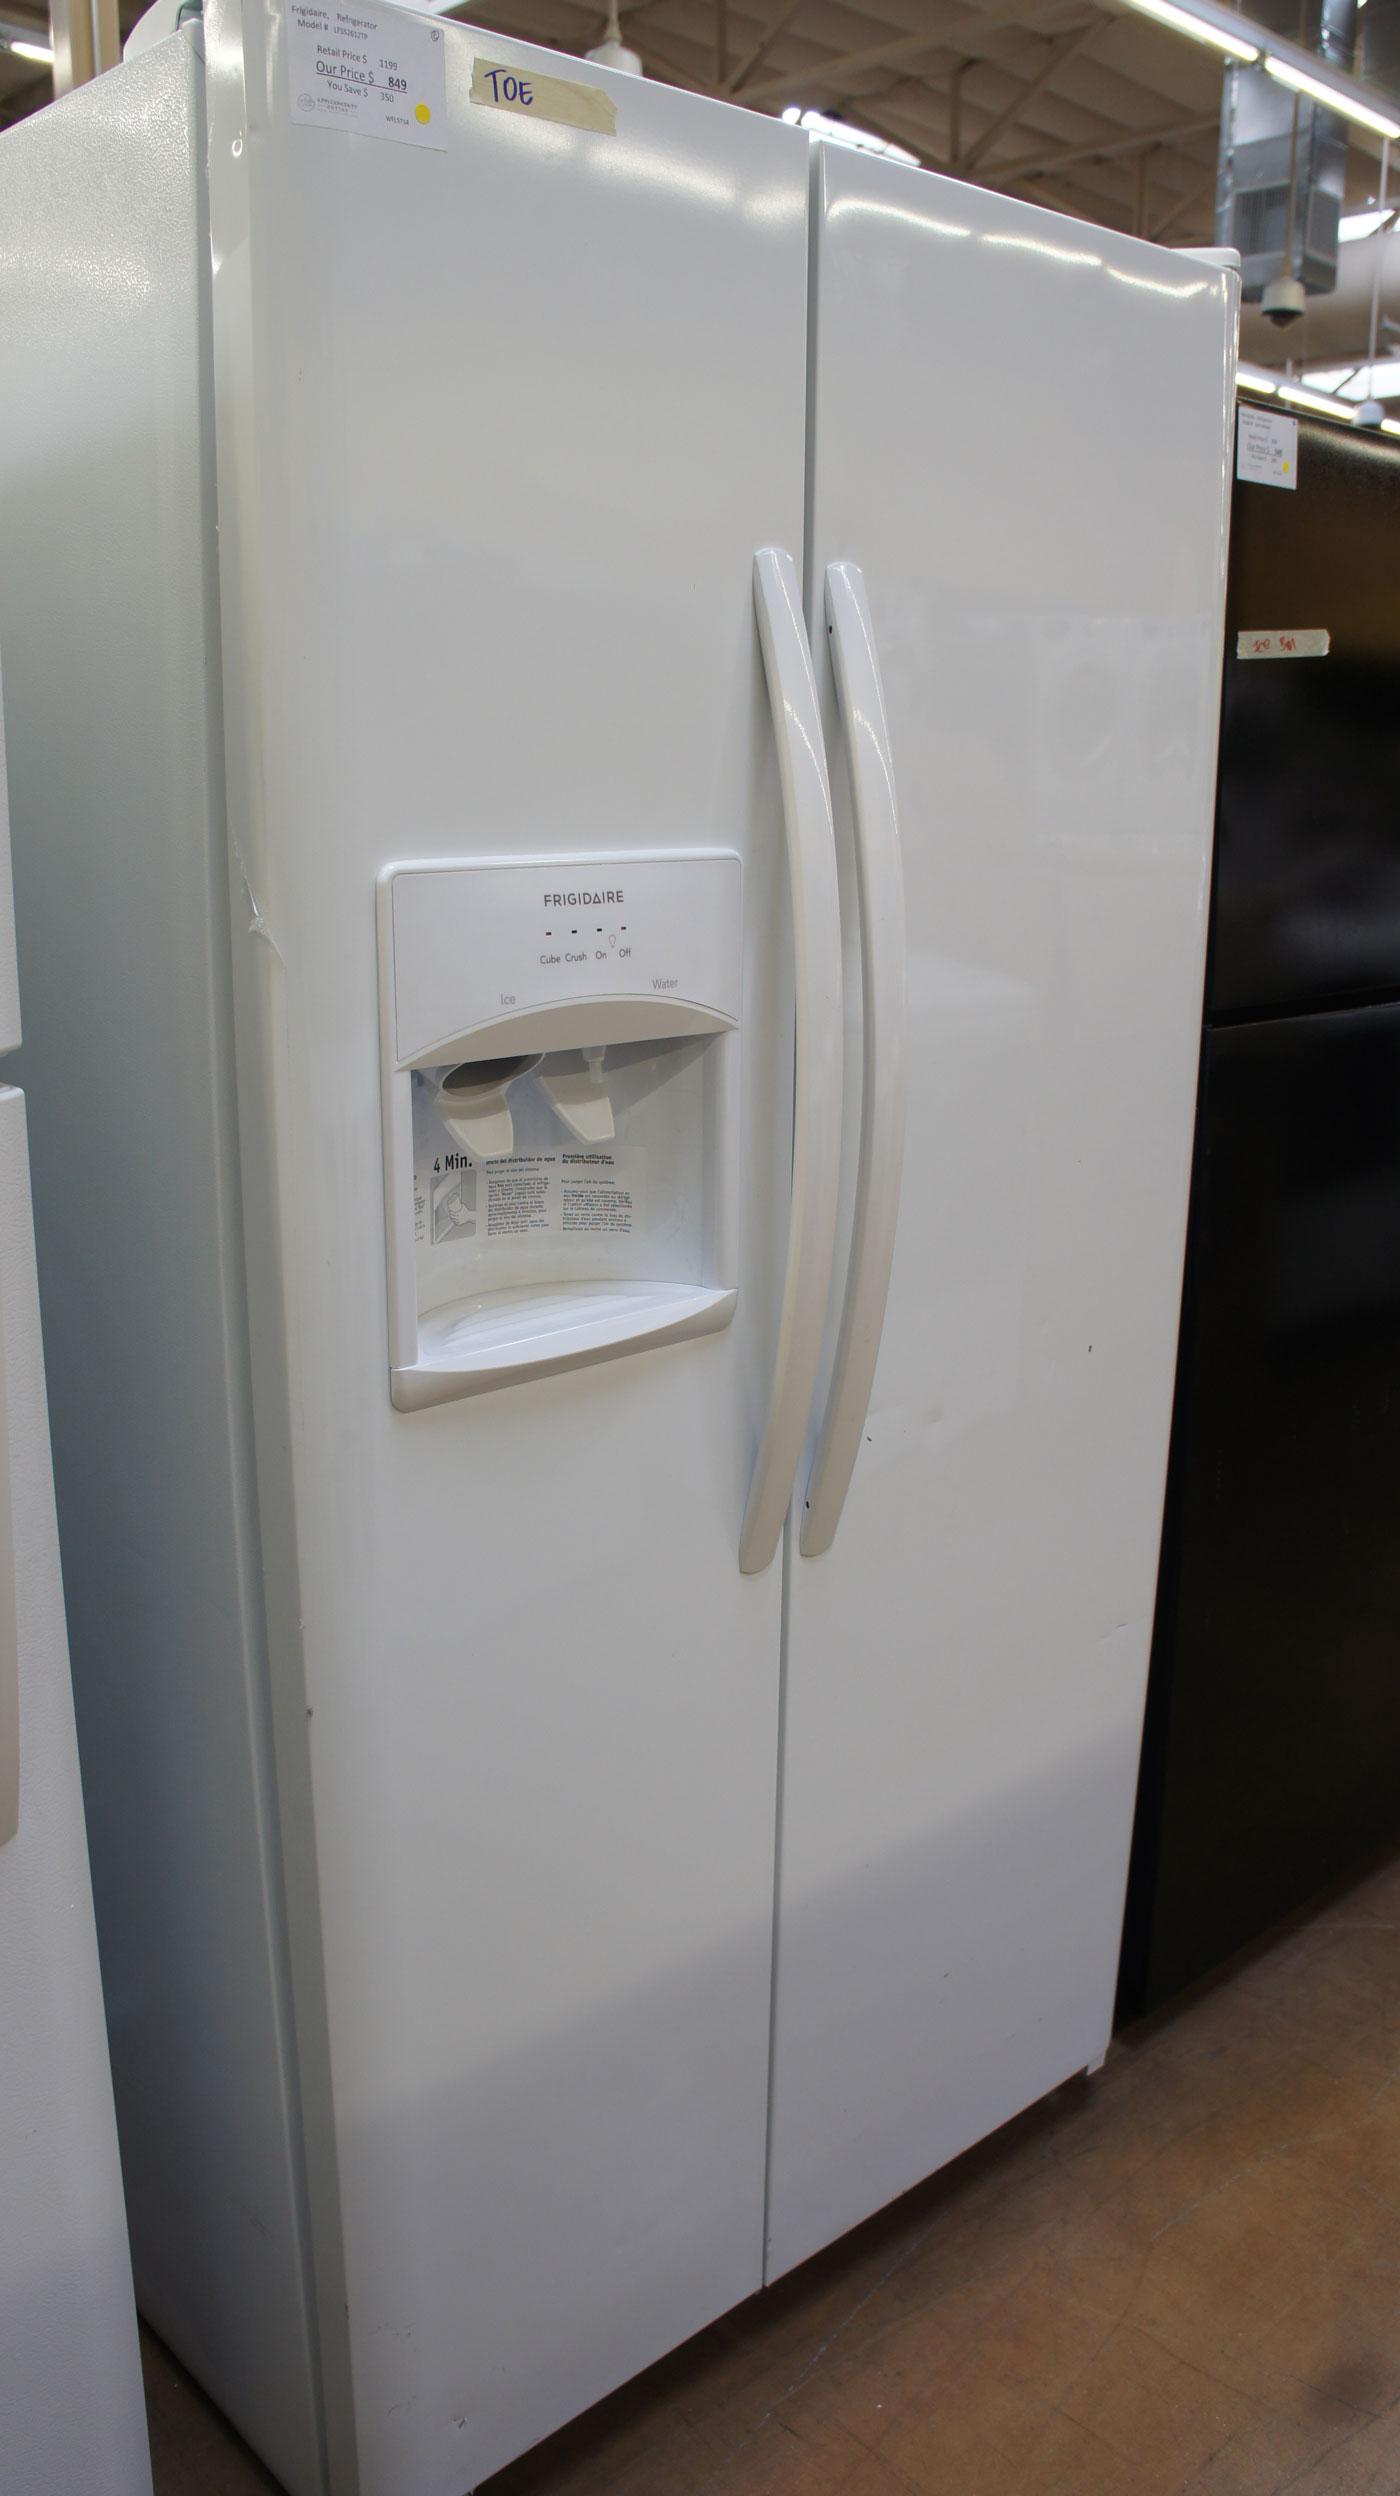 Frigidaire Side-By-Side Refrigerator